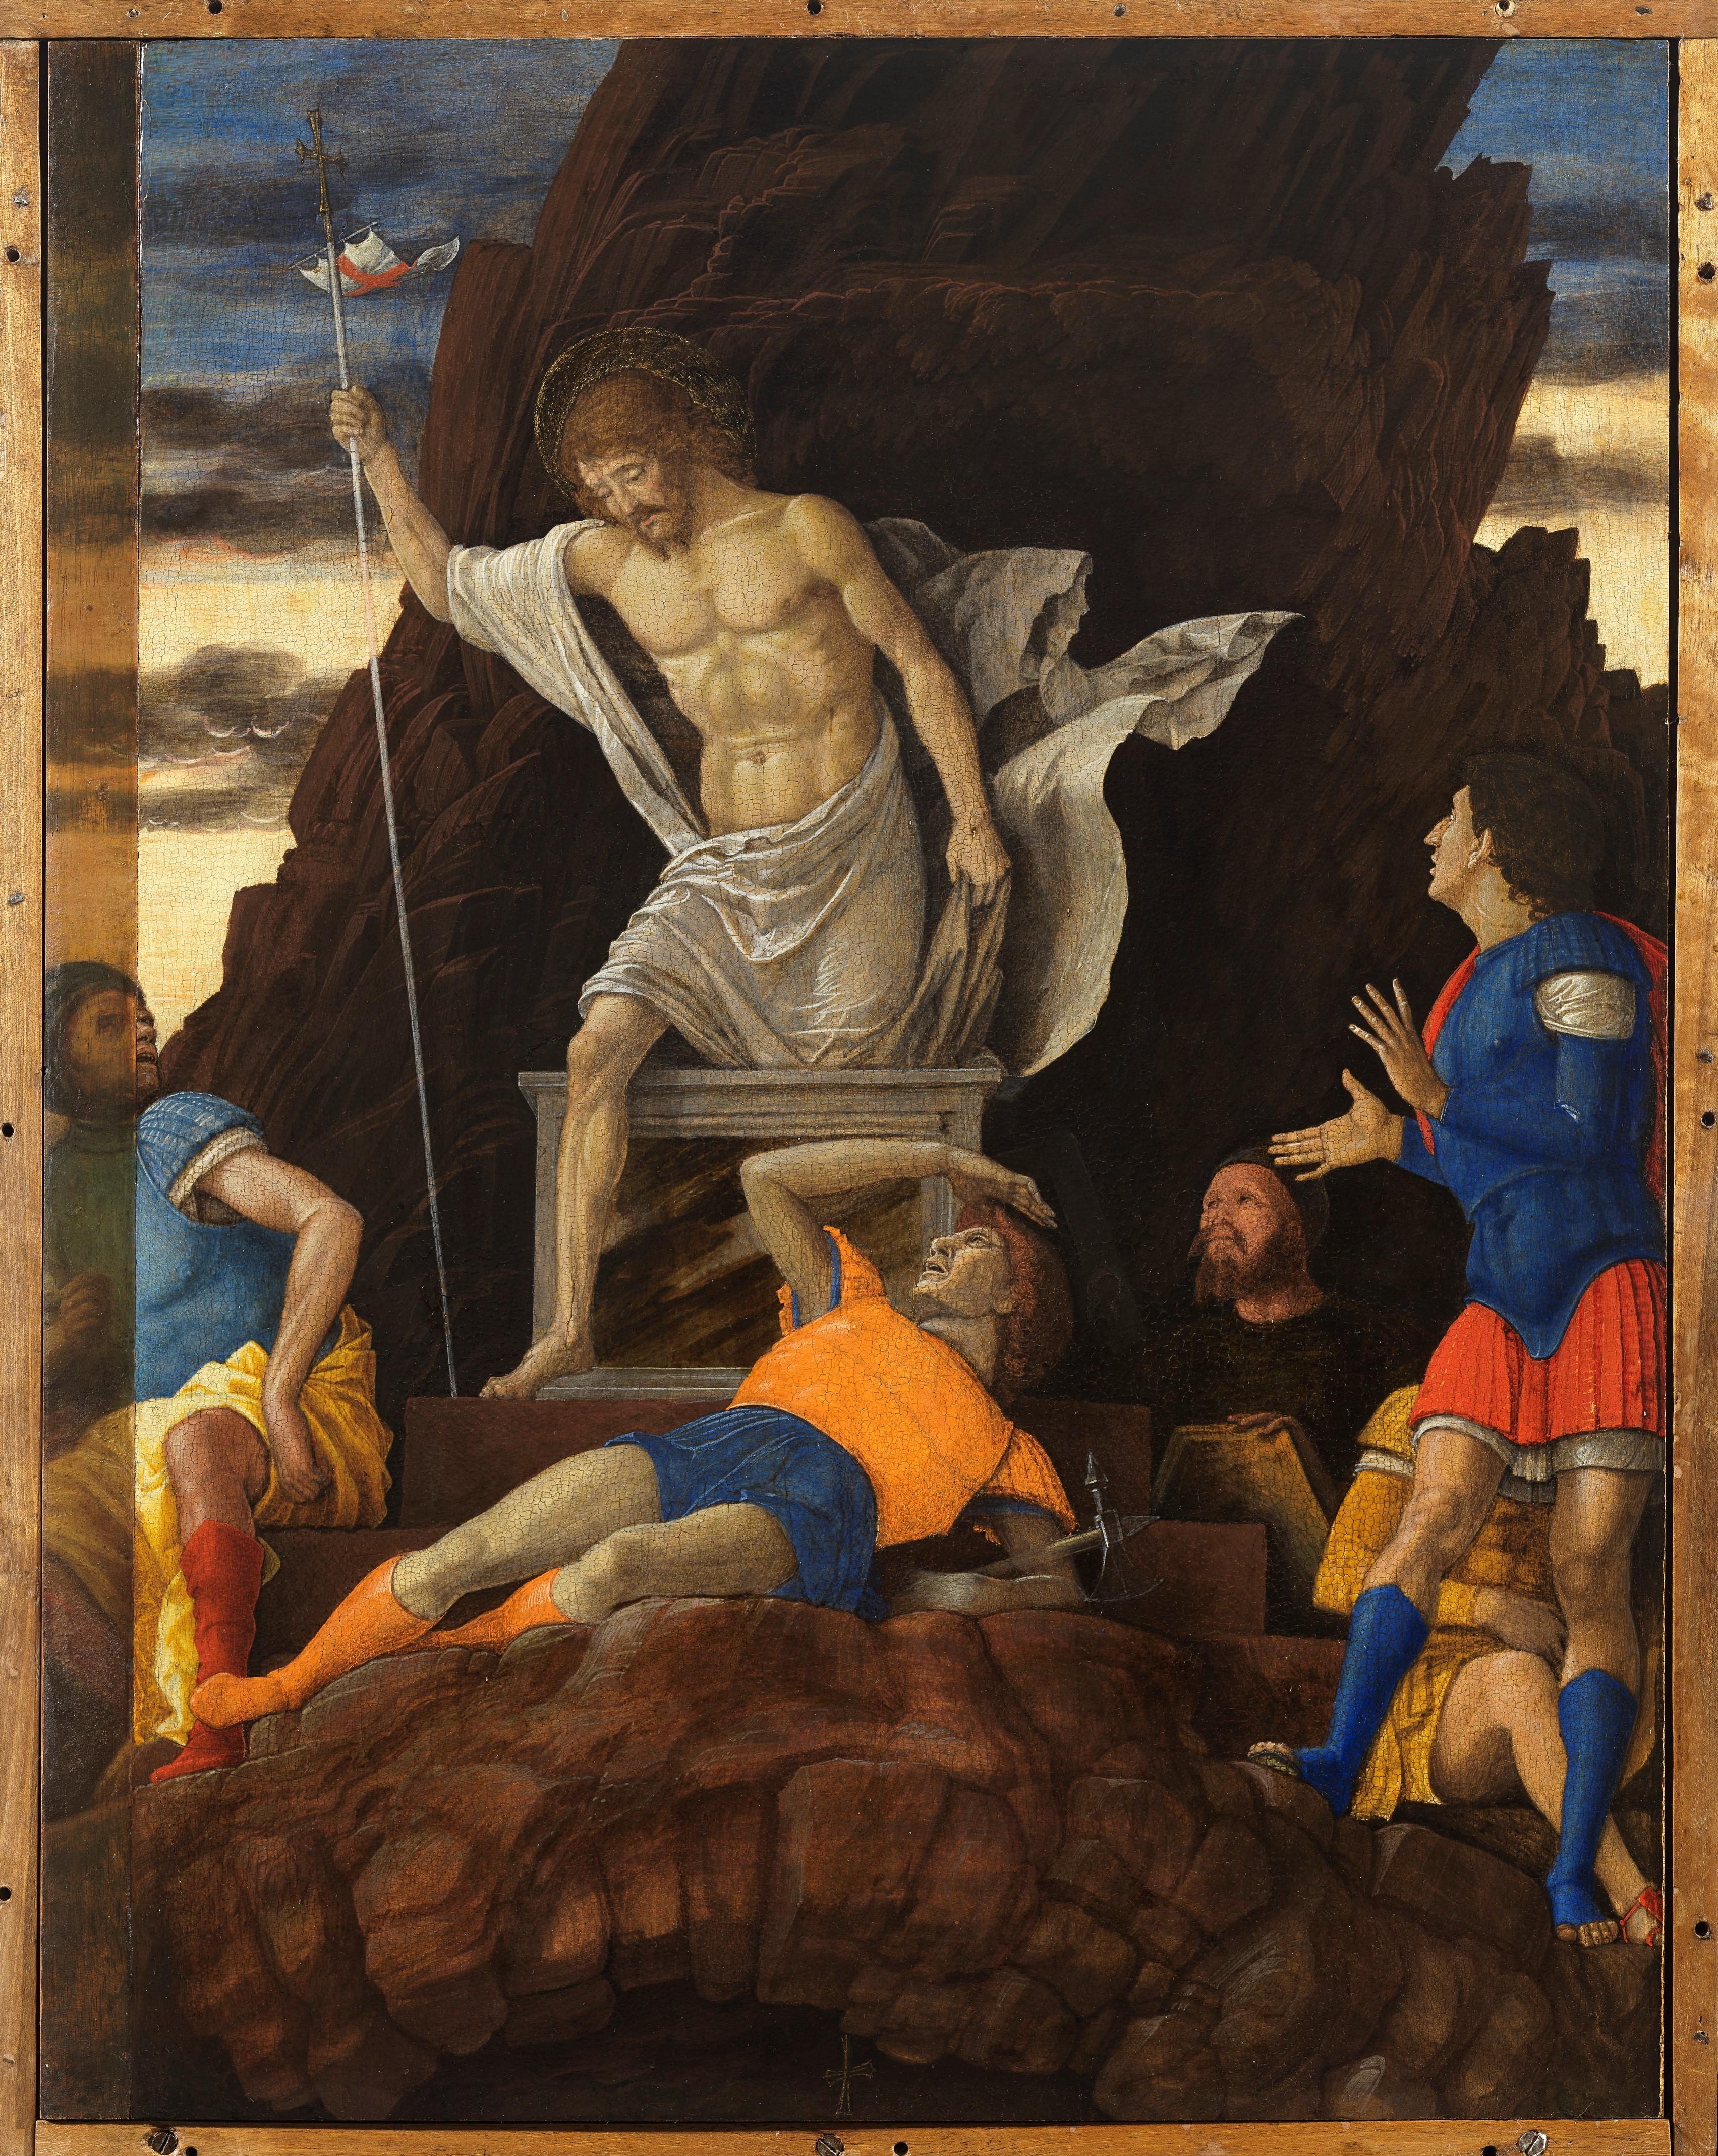 Andrea Mantegna, Resurrezione di Cristo, 1492 circa, tempera e oro su tavola, 48,5 x 37,5 cm, Bergamo, Accademia Carrara